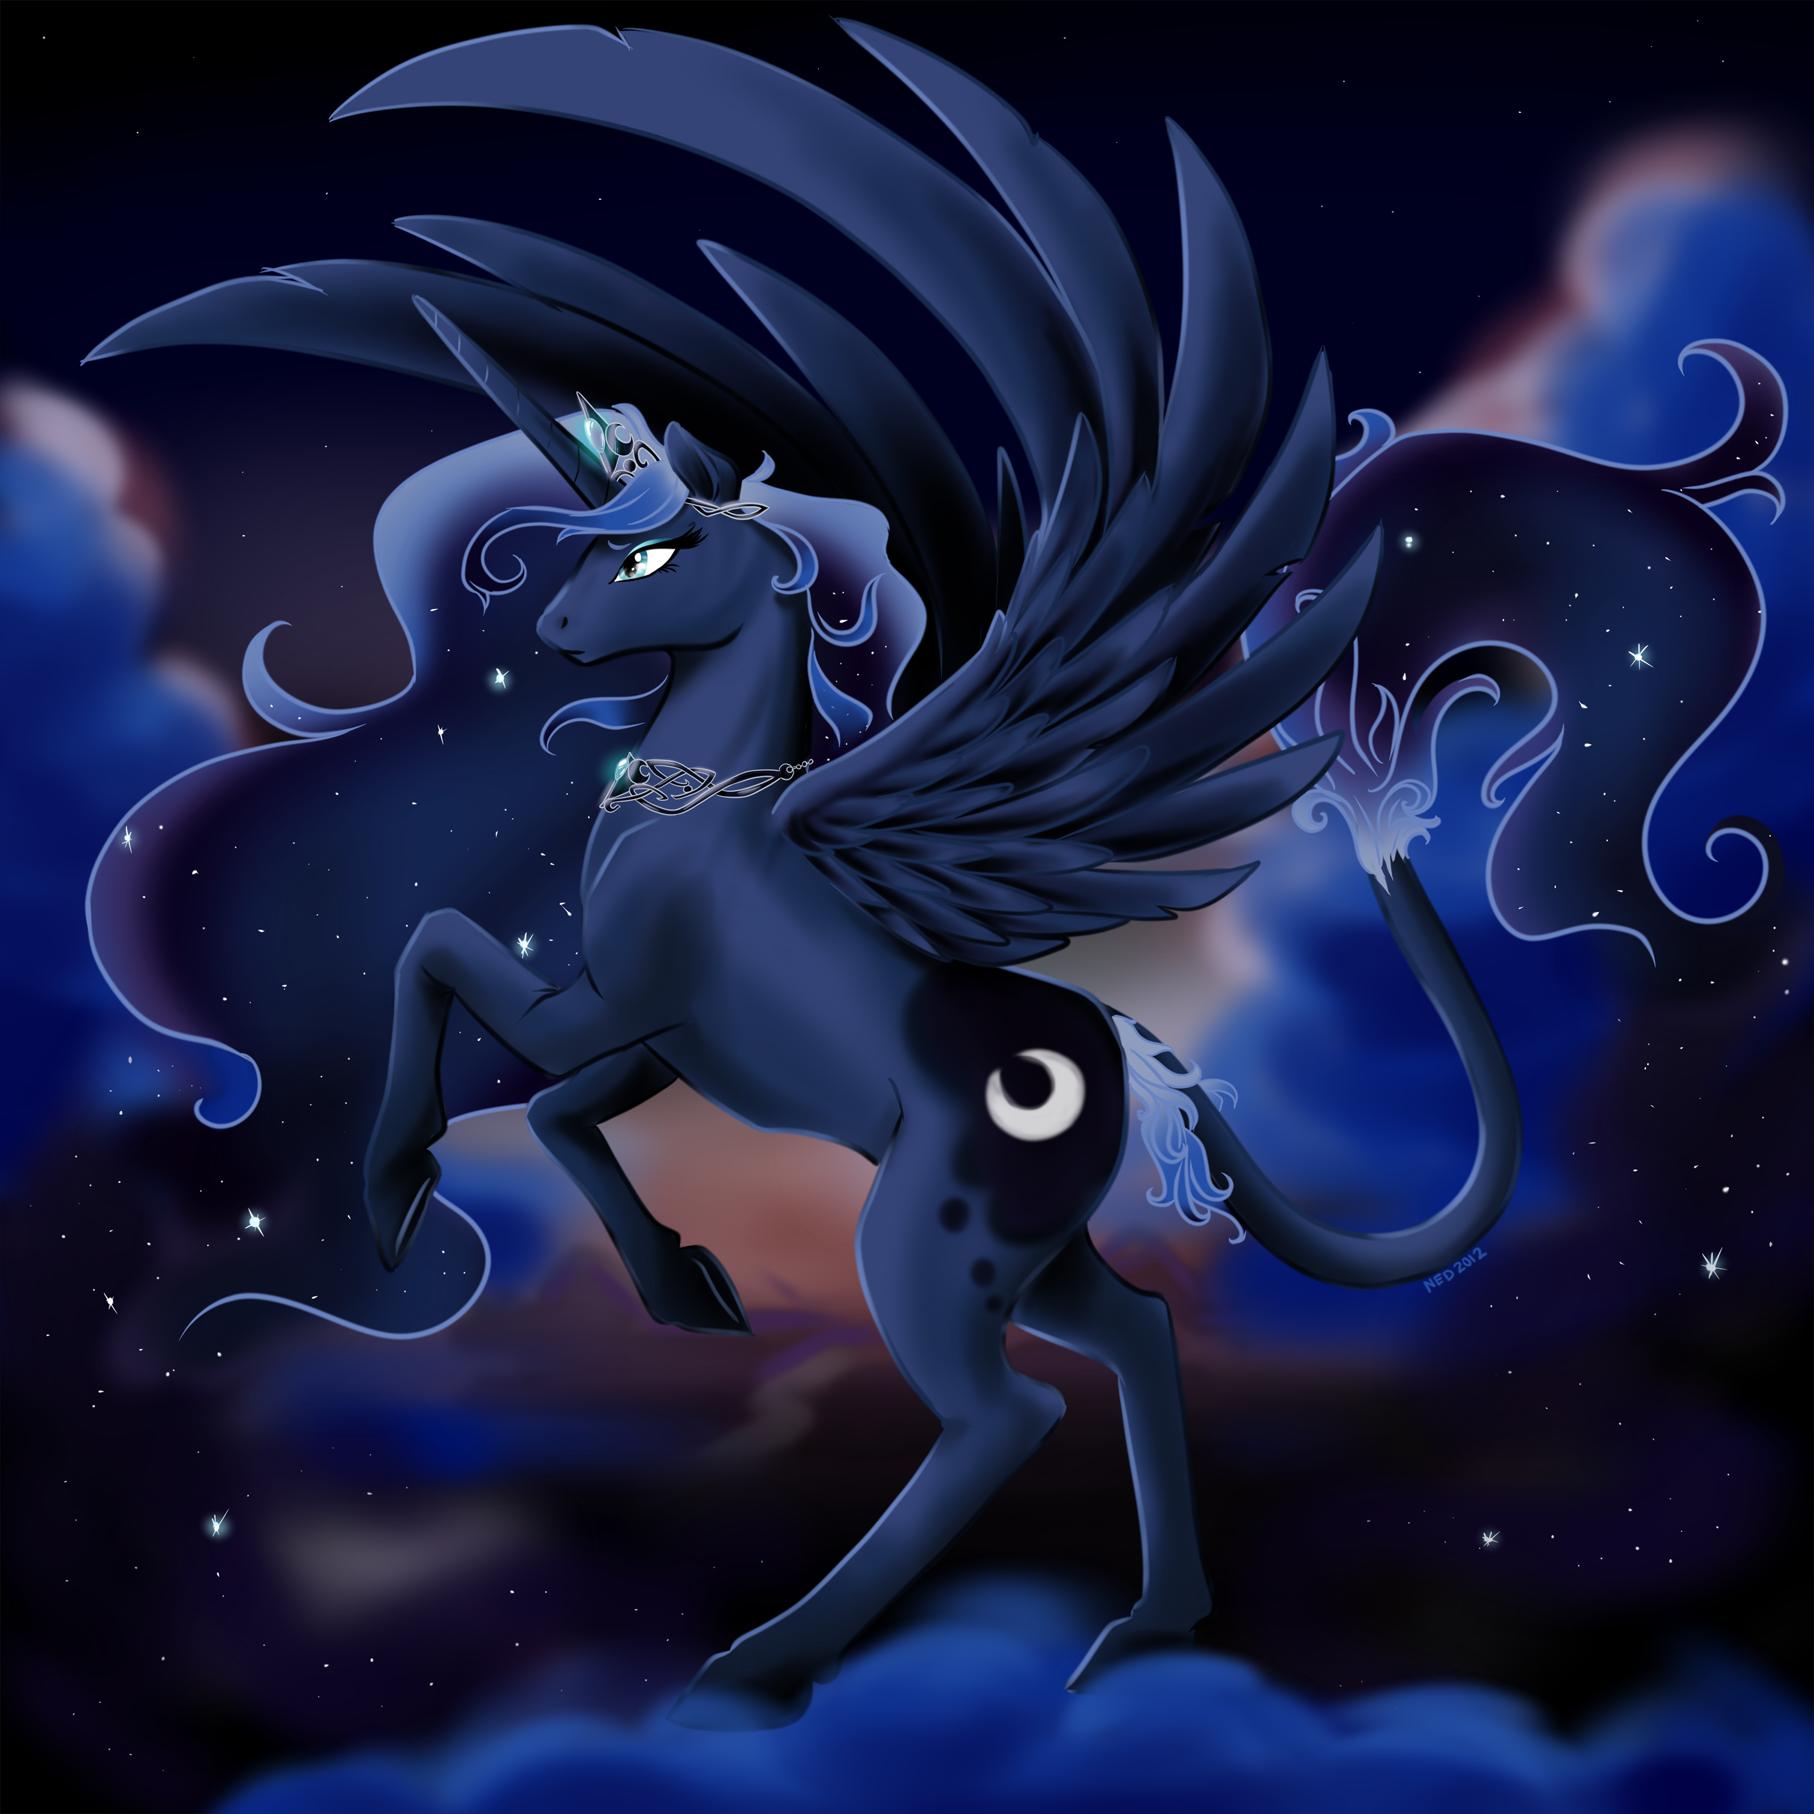 Garden Of Shadows Luna #223989: xnedra22 - e6...